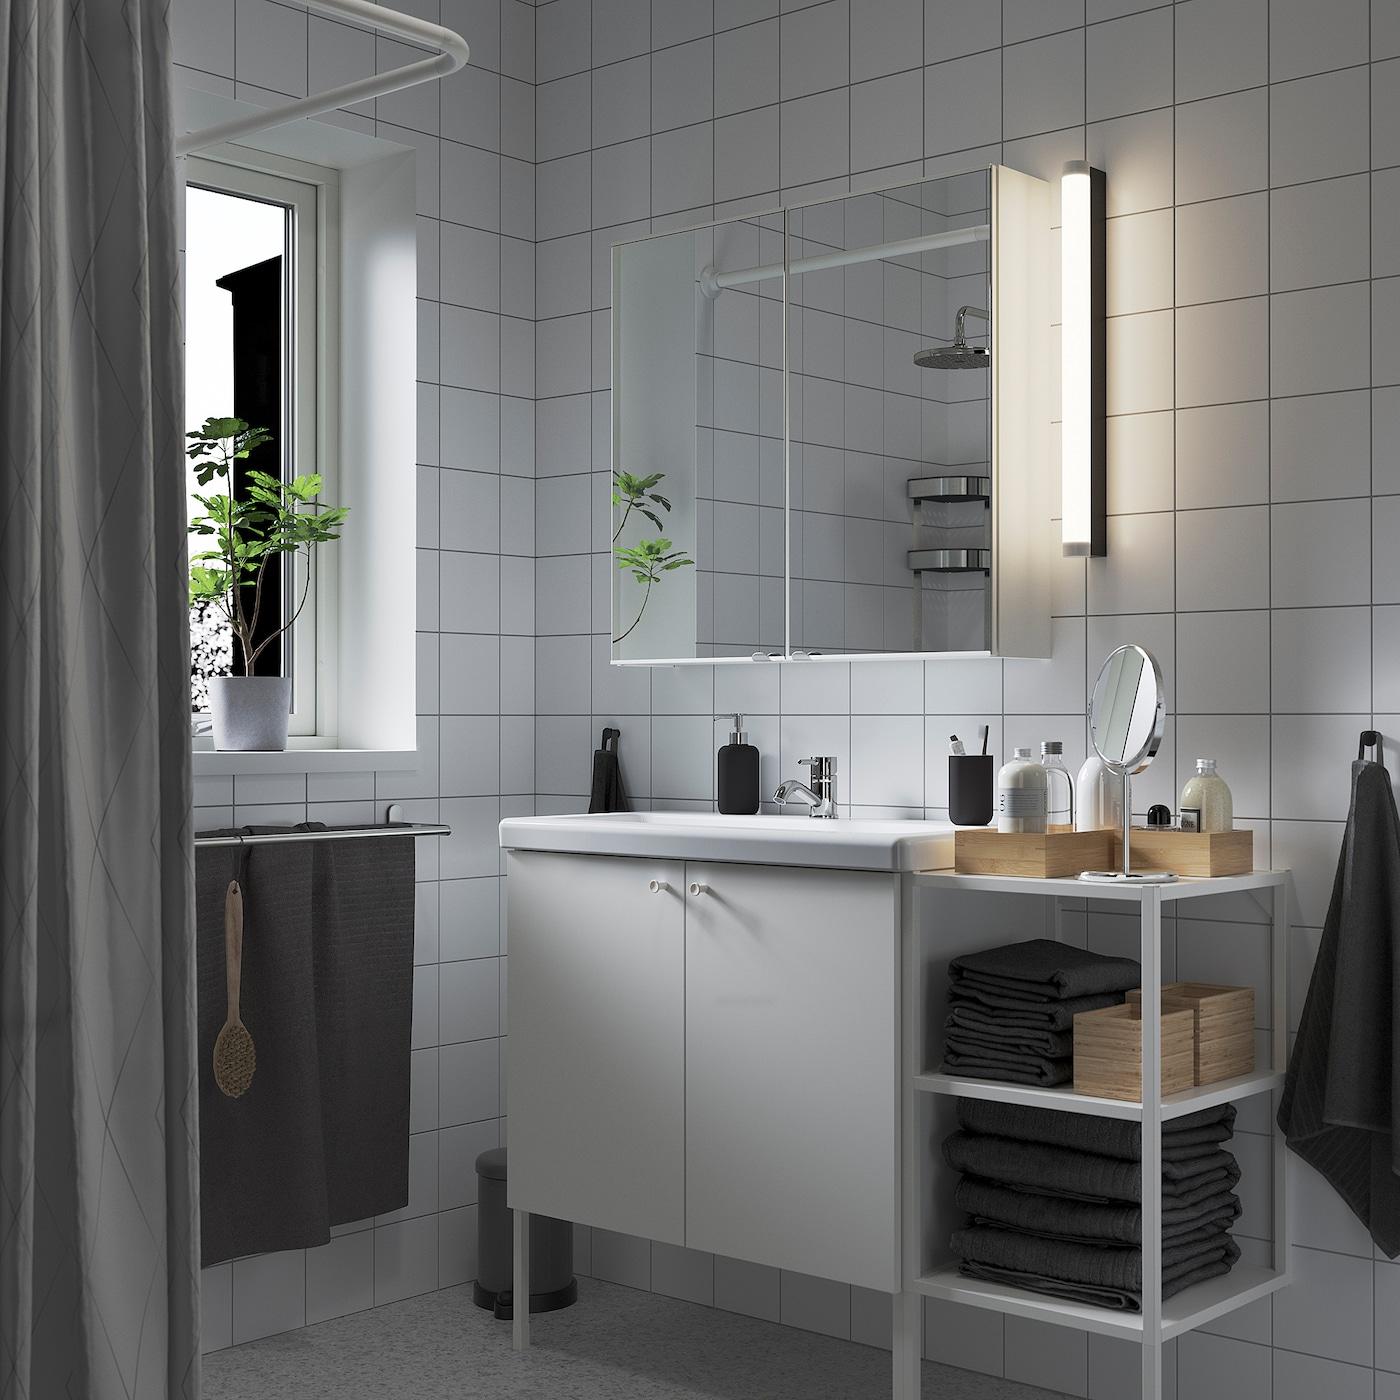 ENHET / TVÄLLEN أثاث حمام، طقم من 14, أبيض/حنفية Pilkån, 122x43x87 سم